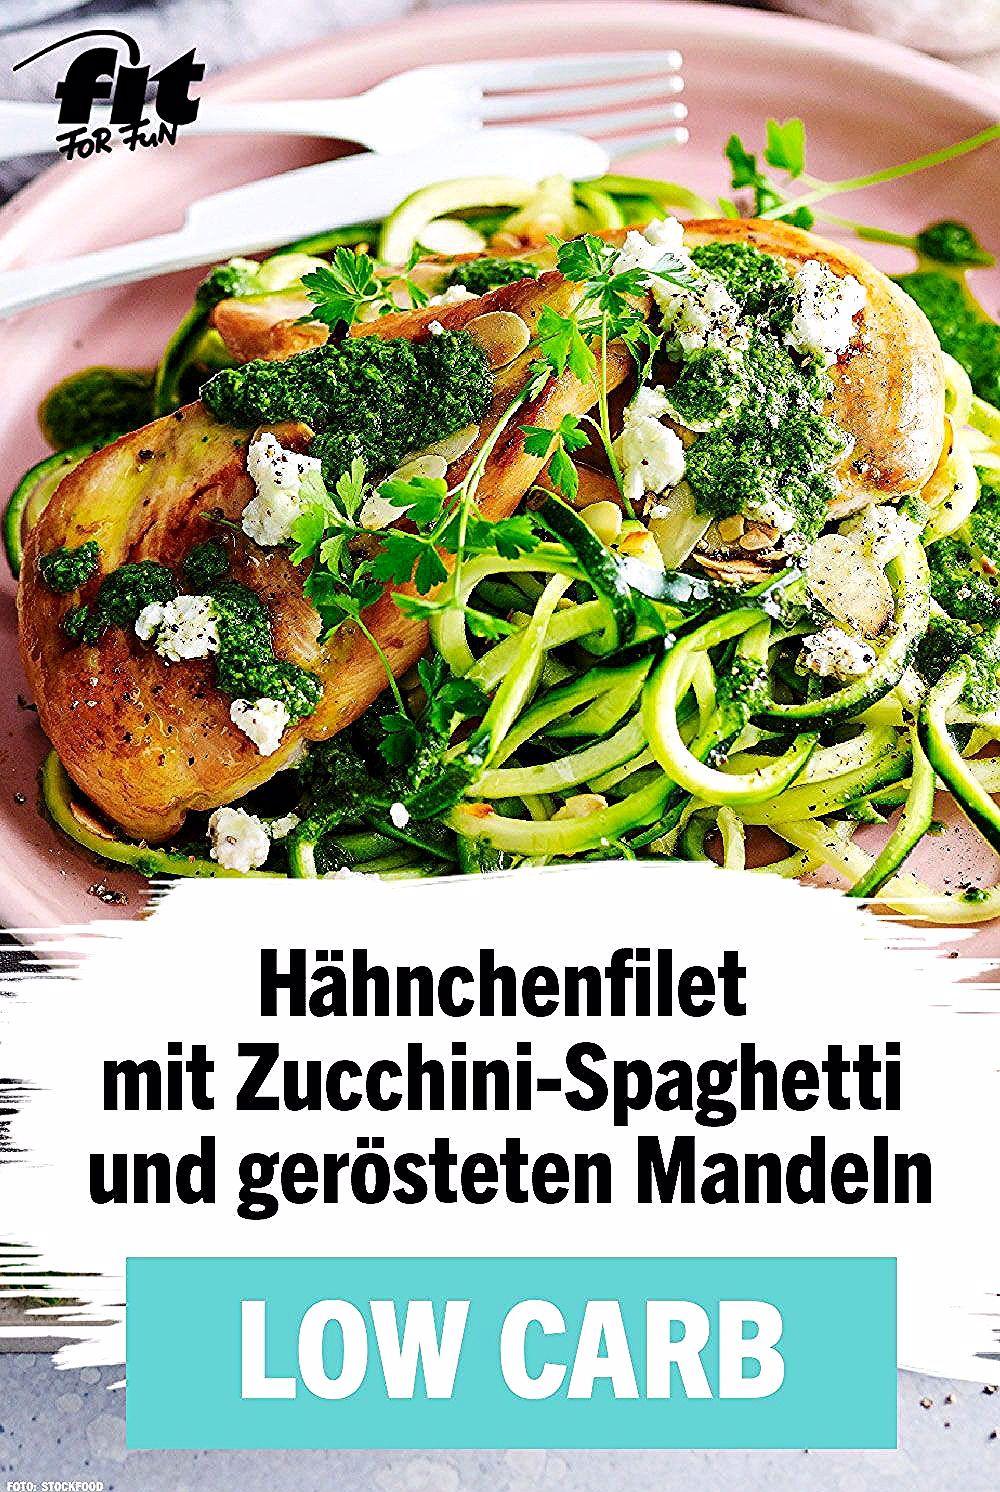 High Protein, Low-Carb, Keto: Mit diesem leckeren Eiweiß-Rezept für Hähnchenfilet mit Zucchini-Spagh...